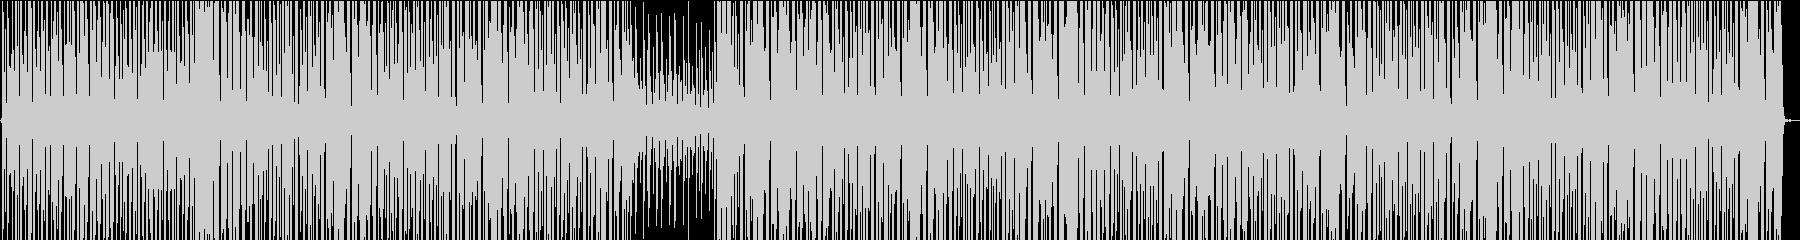 サバイバルをイメージ・クール・緊張感の未再生の波形